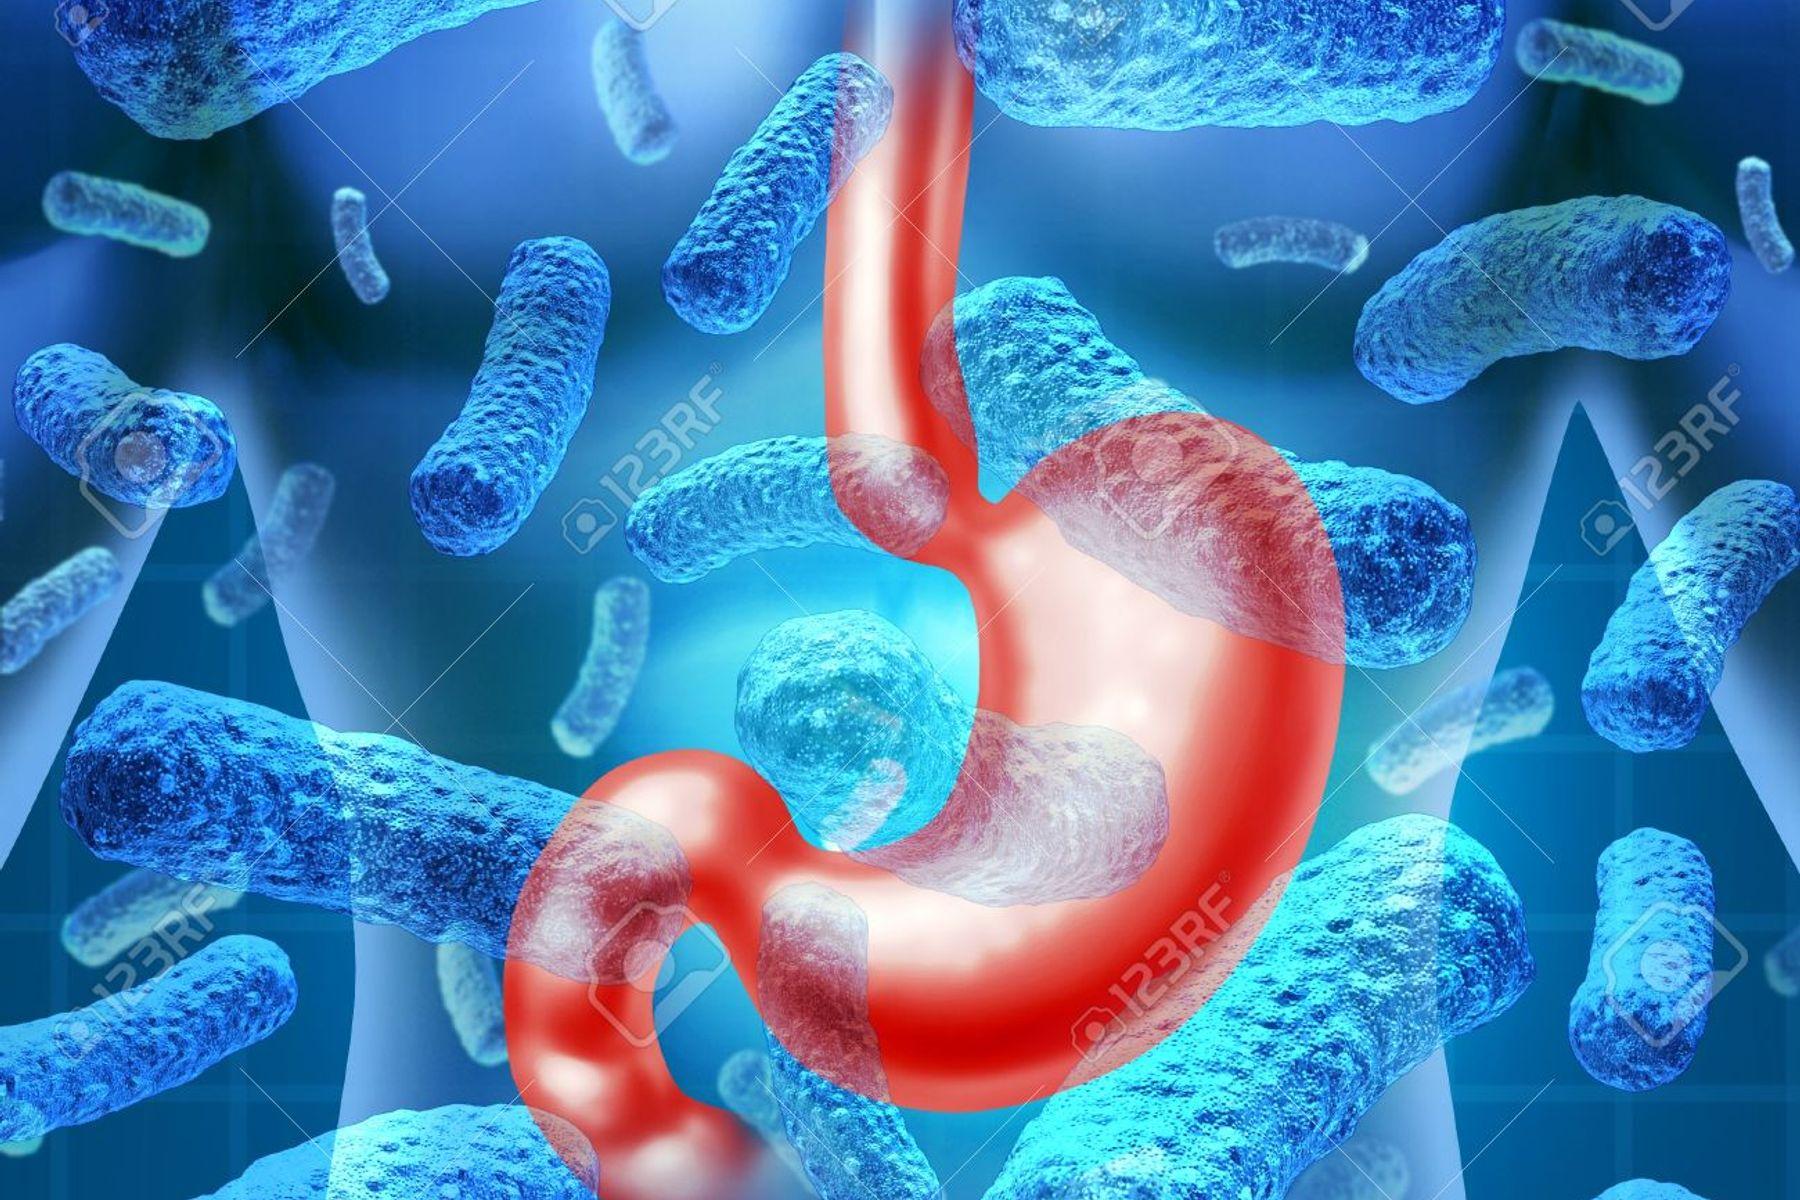 Vi khuẩn đường ruột là gì?